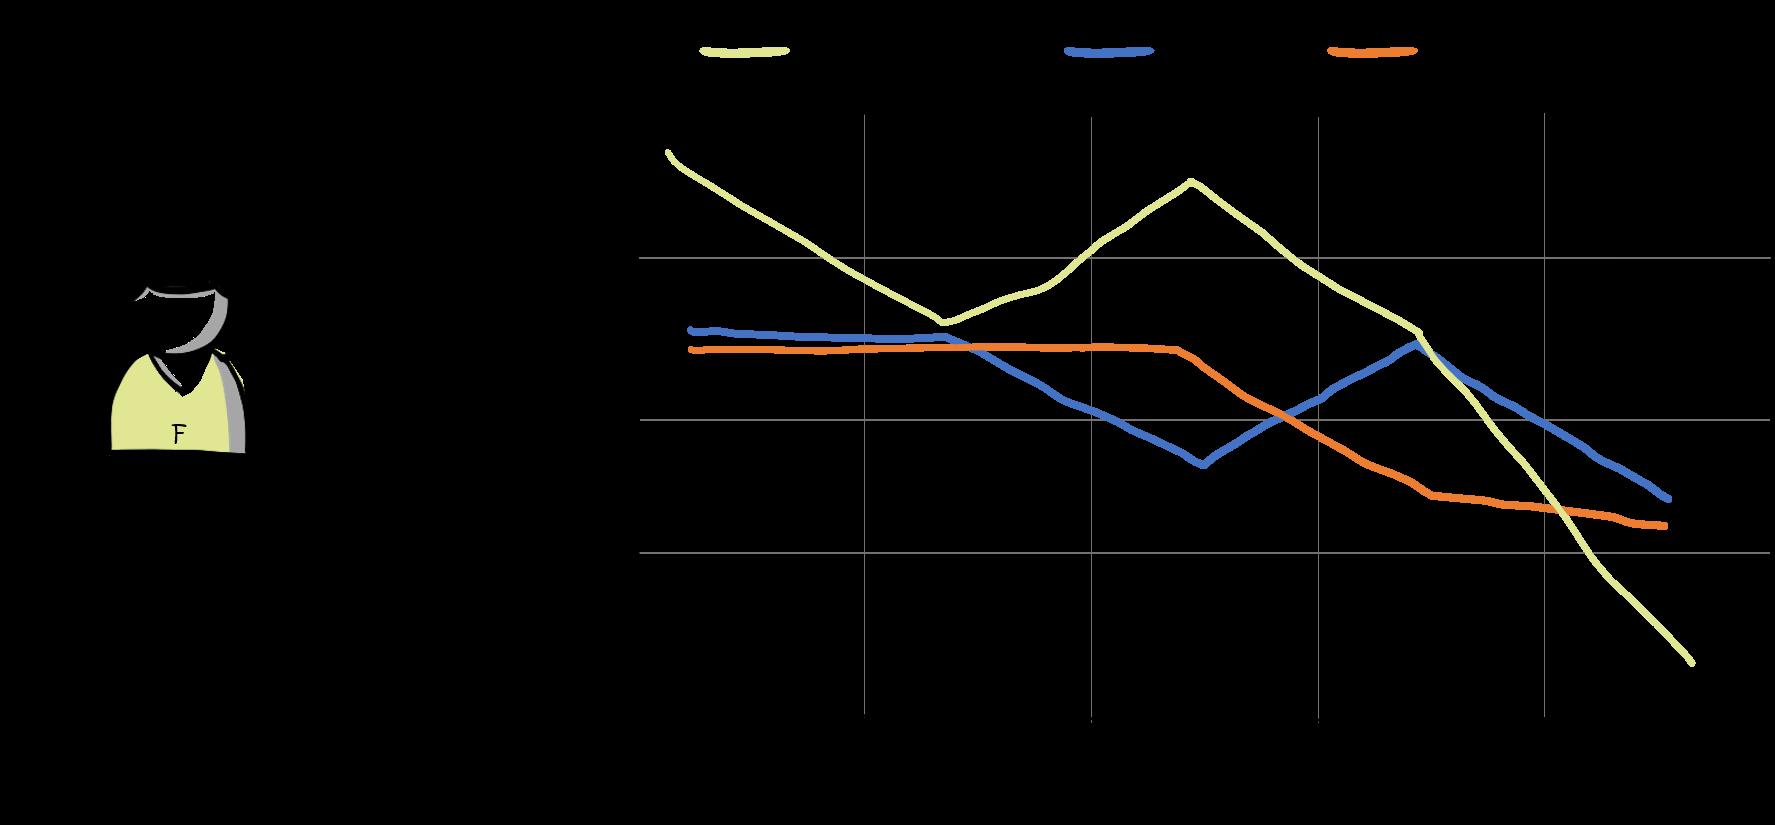 Modularisierung-Kundennutzen